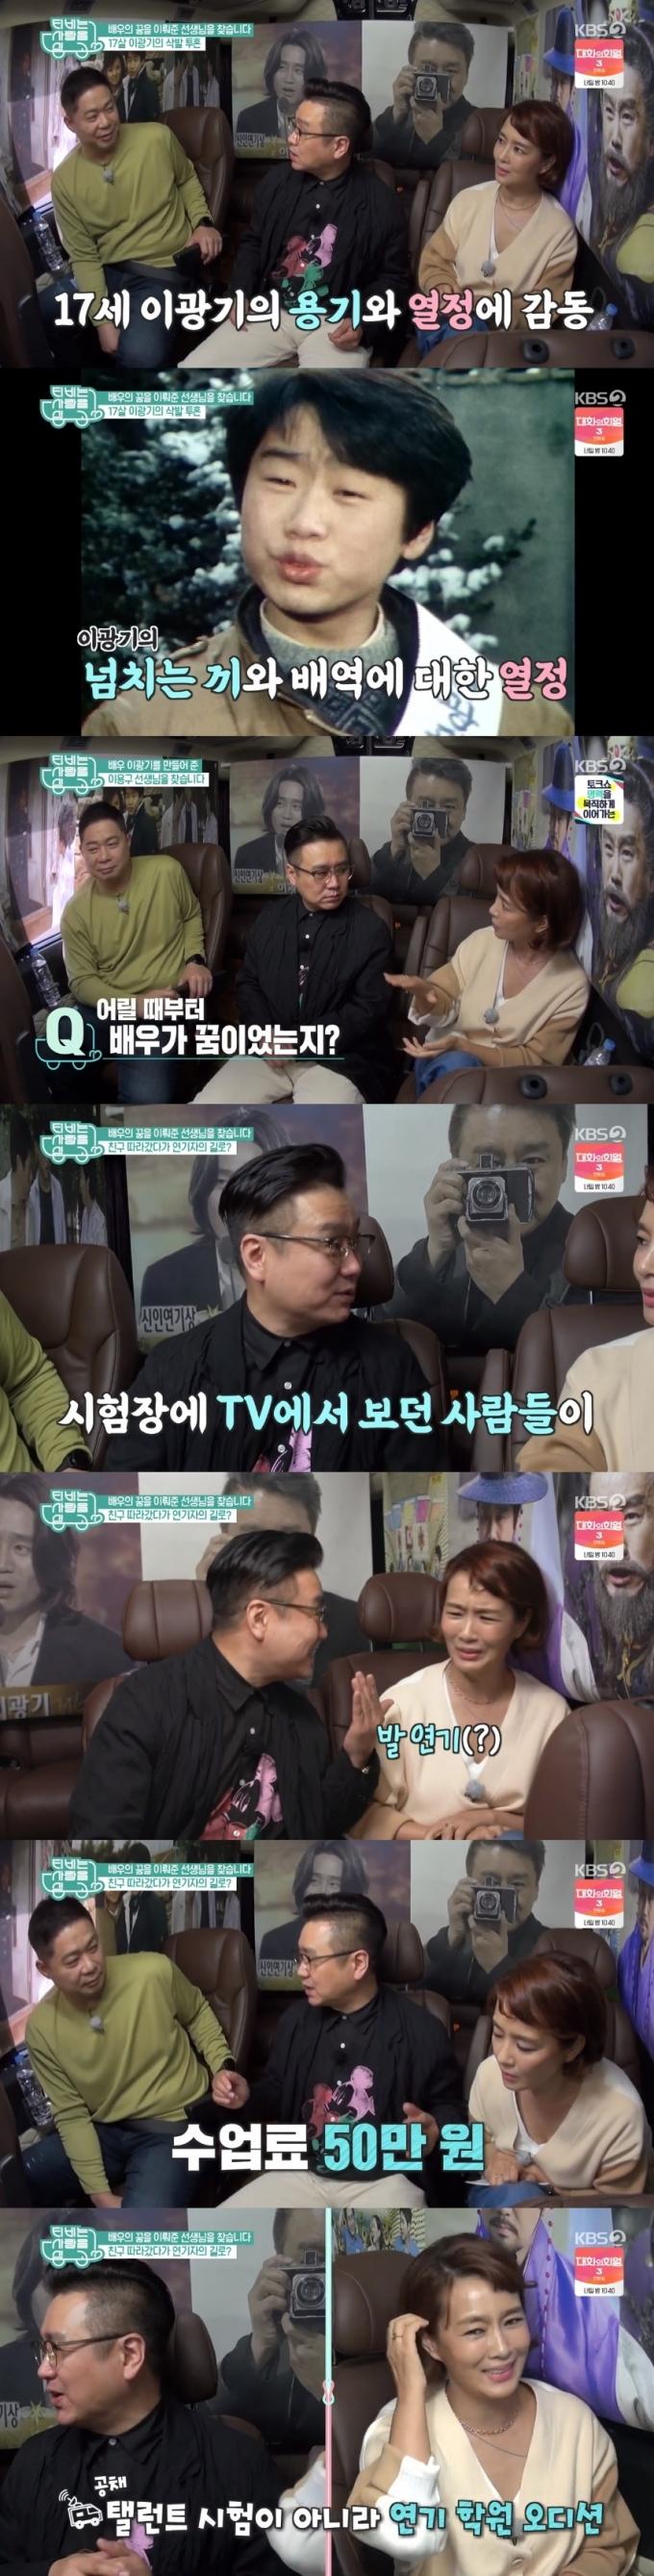 KBS 2TV 'TV는 사랑을 싣고' 캡처 © 뉴스1